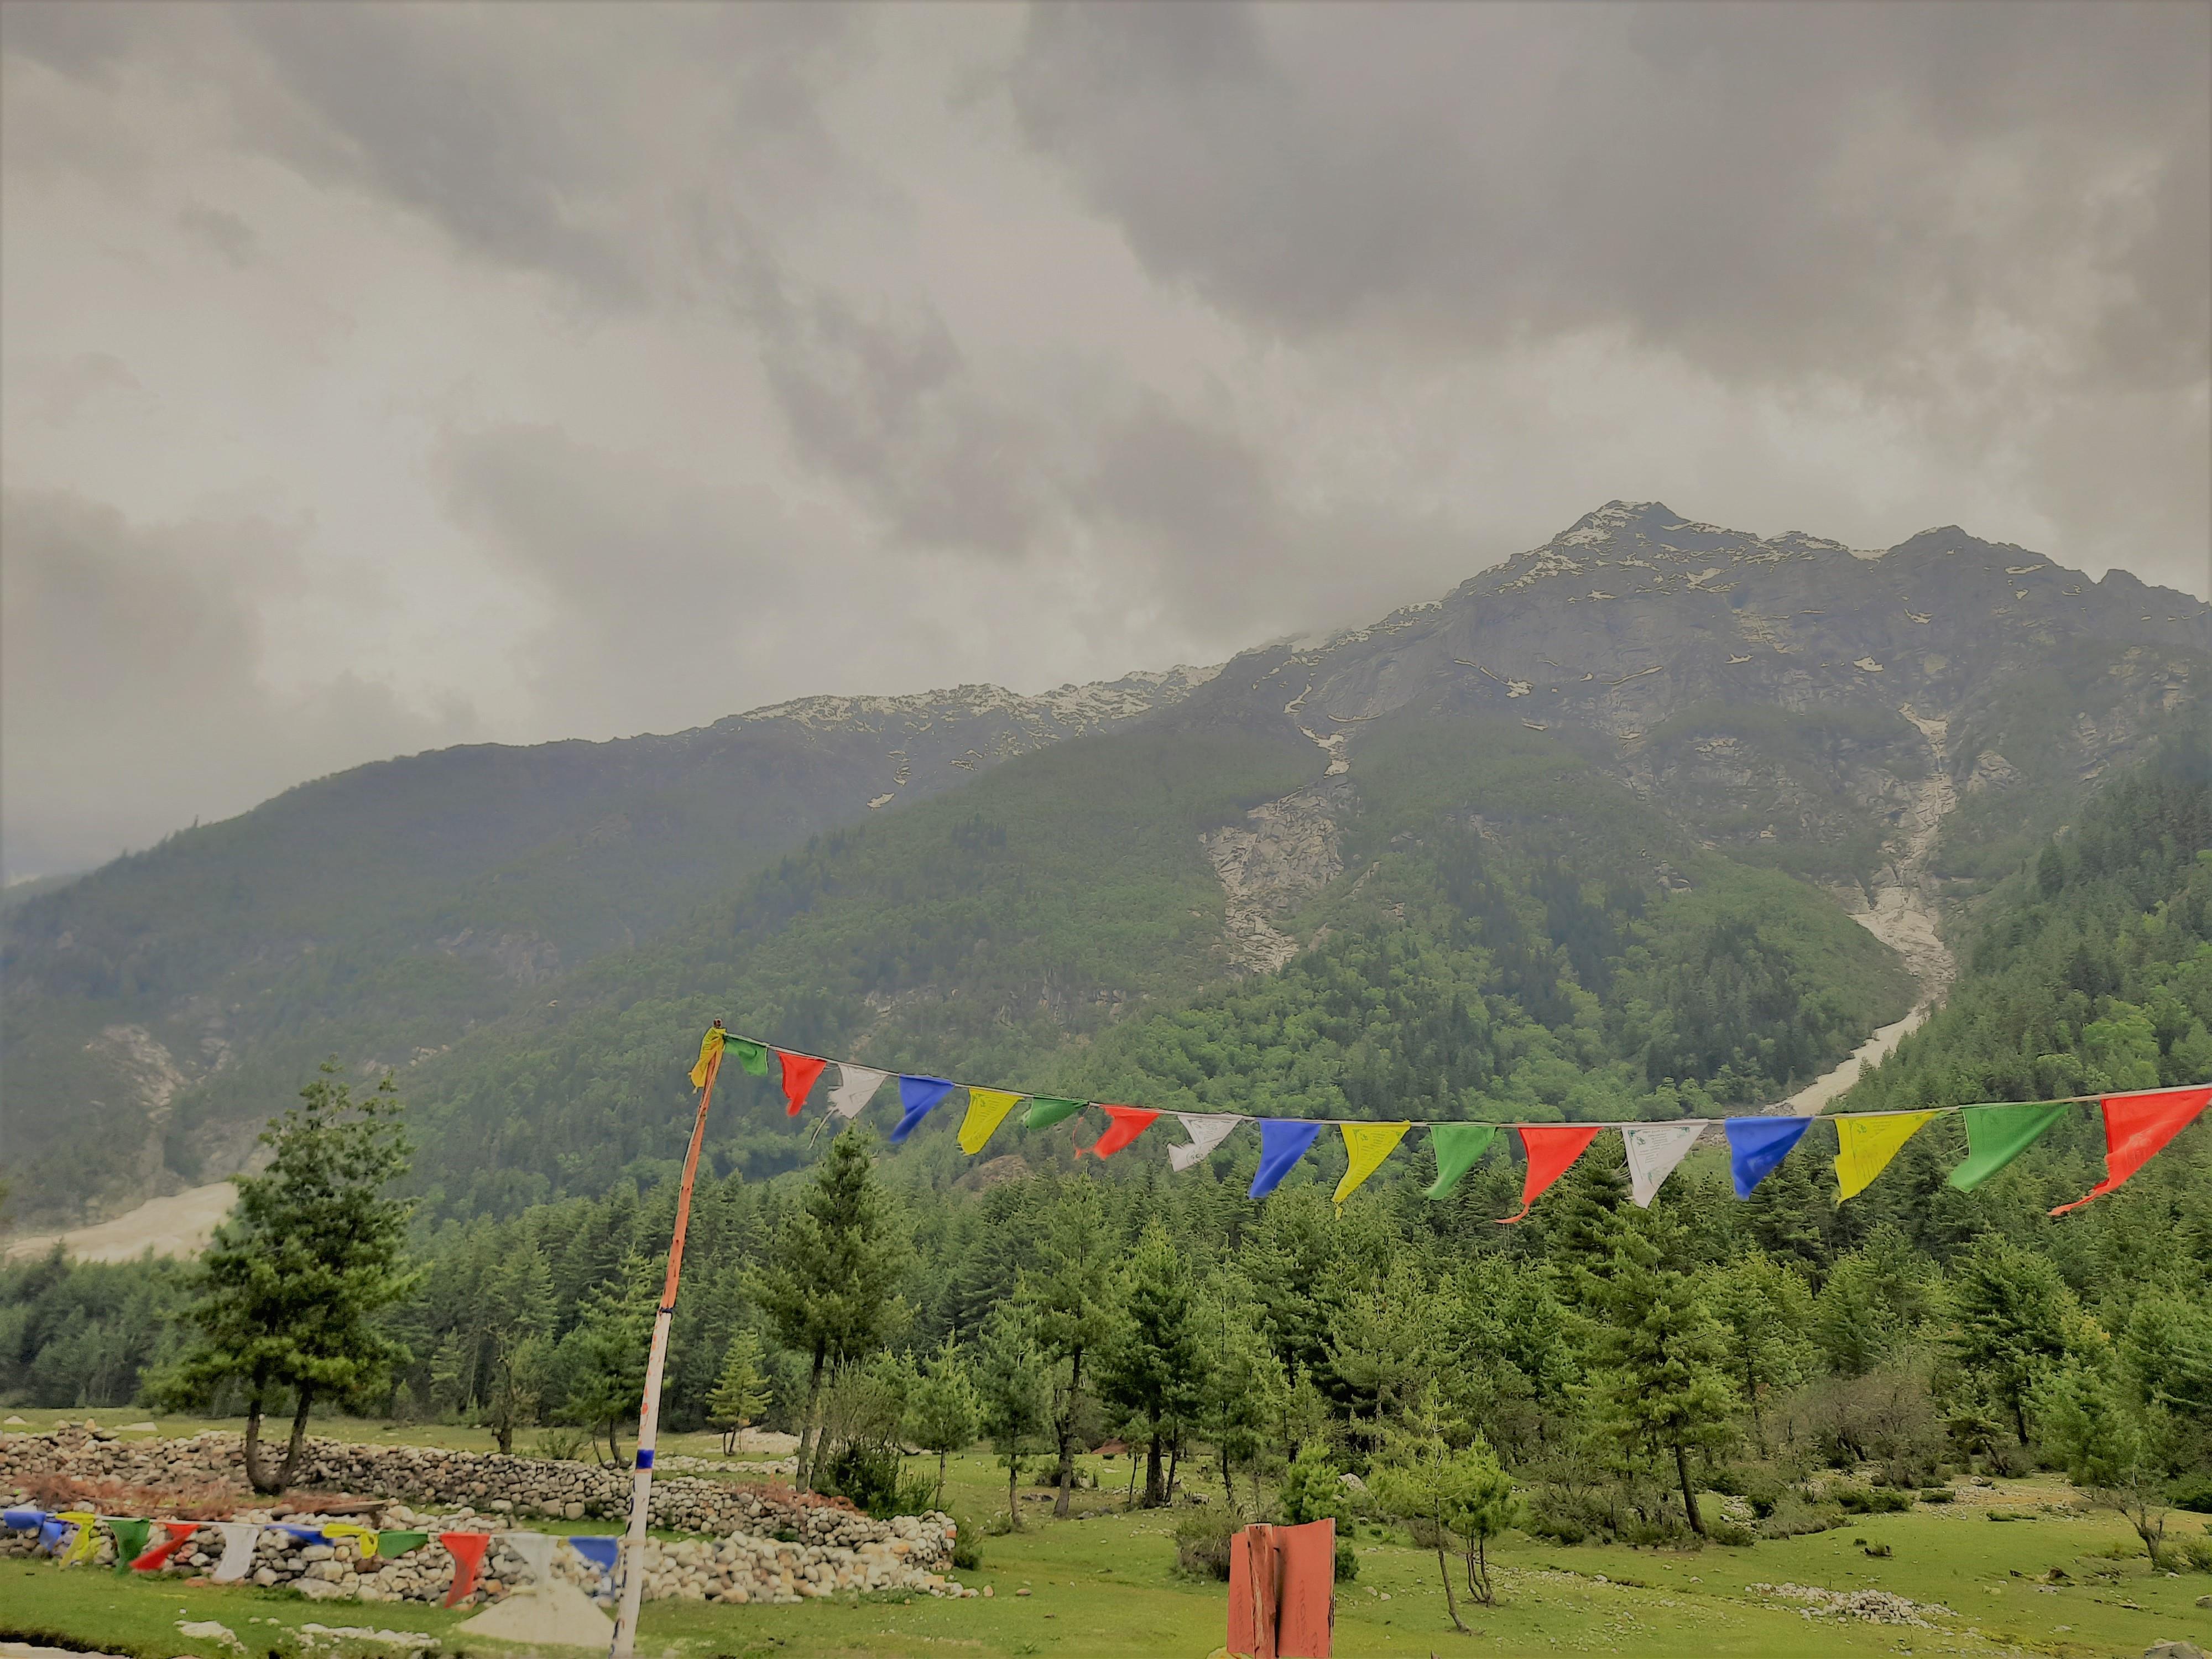 Himachal Pradesh: Rakcham Nomadic Himalayan village (Sangla Valley)